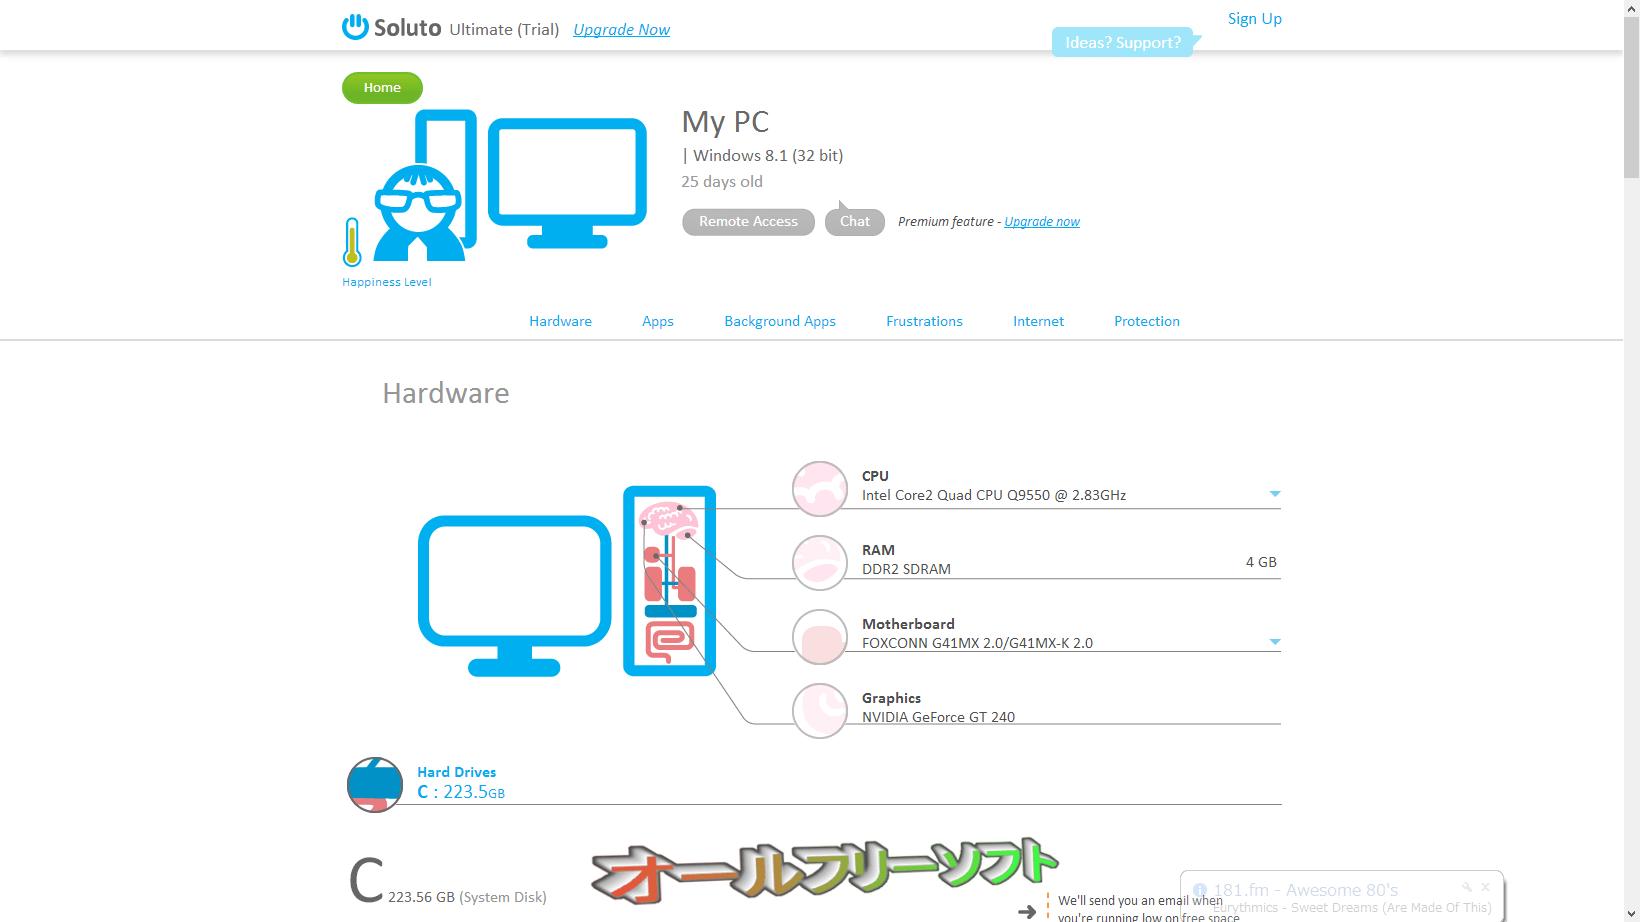 Soluto--起動時の画面--オールフリーソフト